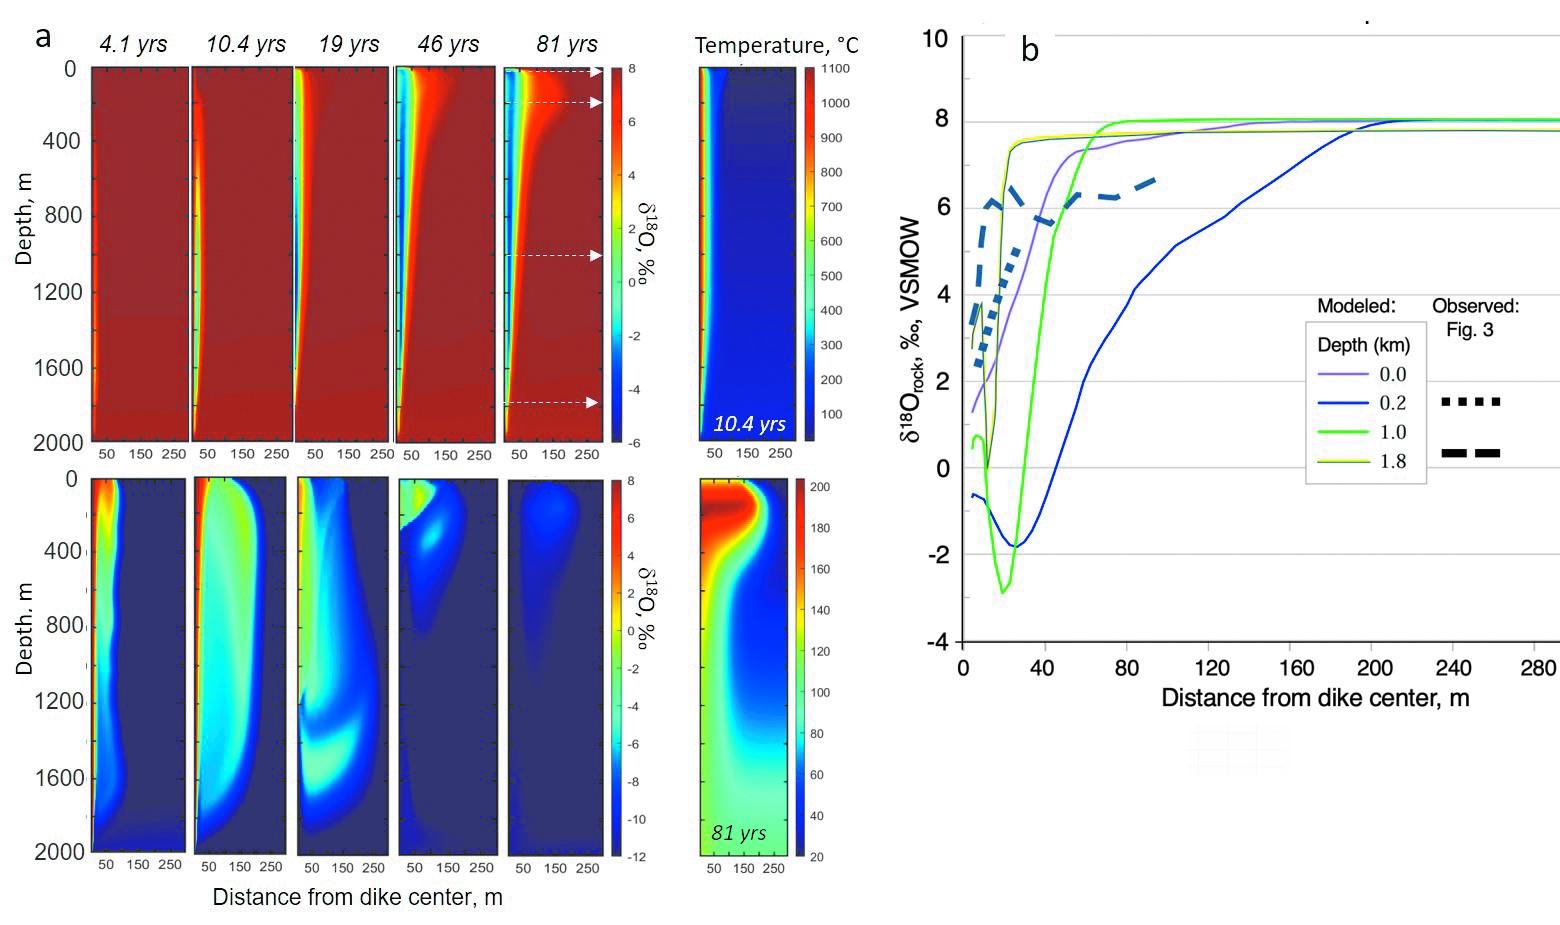 Рис. 3. Распределение изотопного состава кислорода в породах (вверху) и метеорной воде (внизу) при геотермальной конвекции (а) и распределение изотопов кислорода в породах на различном удалении от дайки (b). Расчеты при различной глубине разреза; пунктир — данные наблюдений